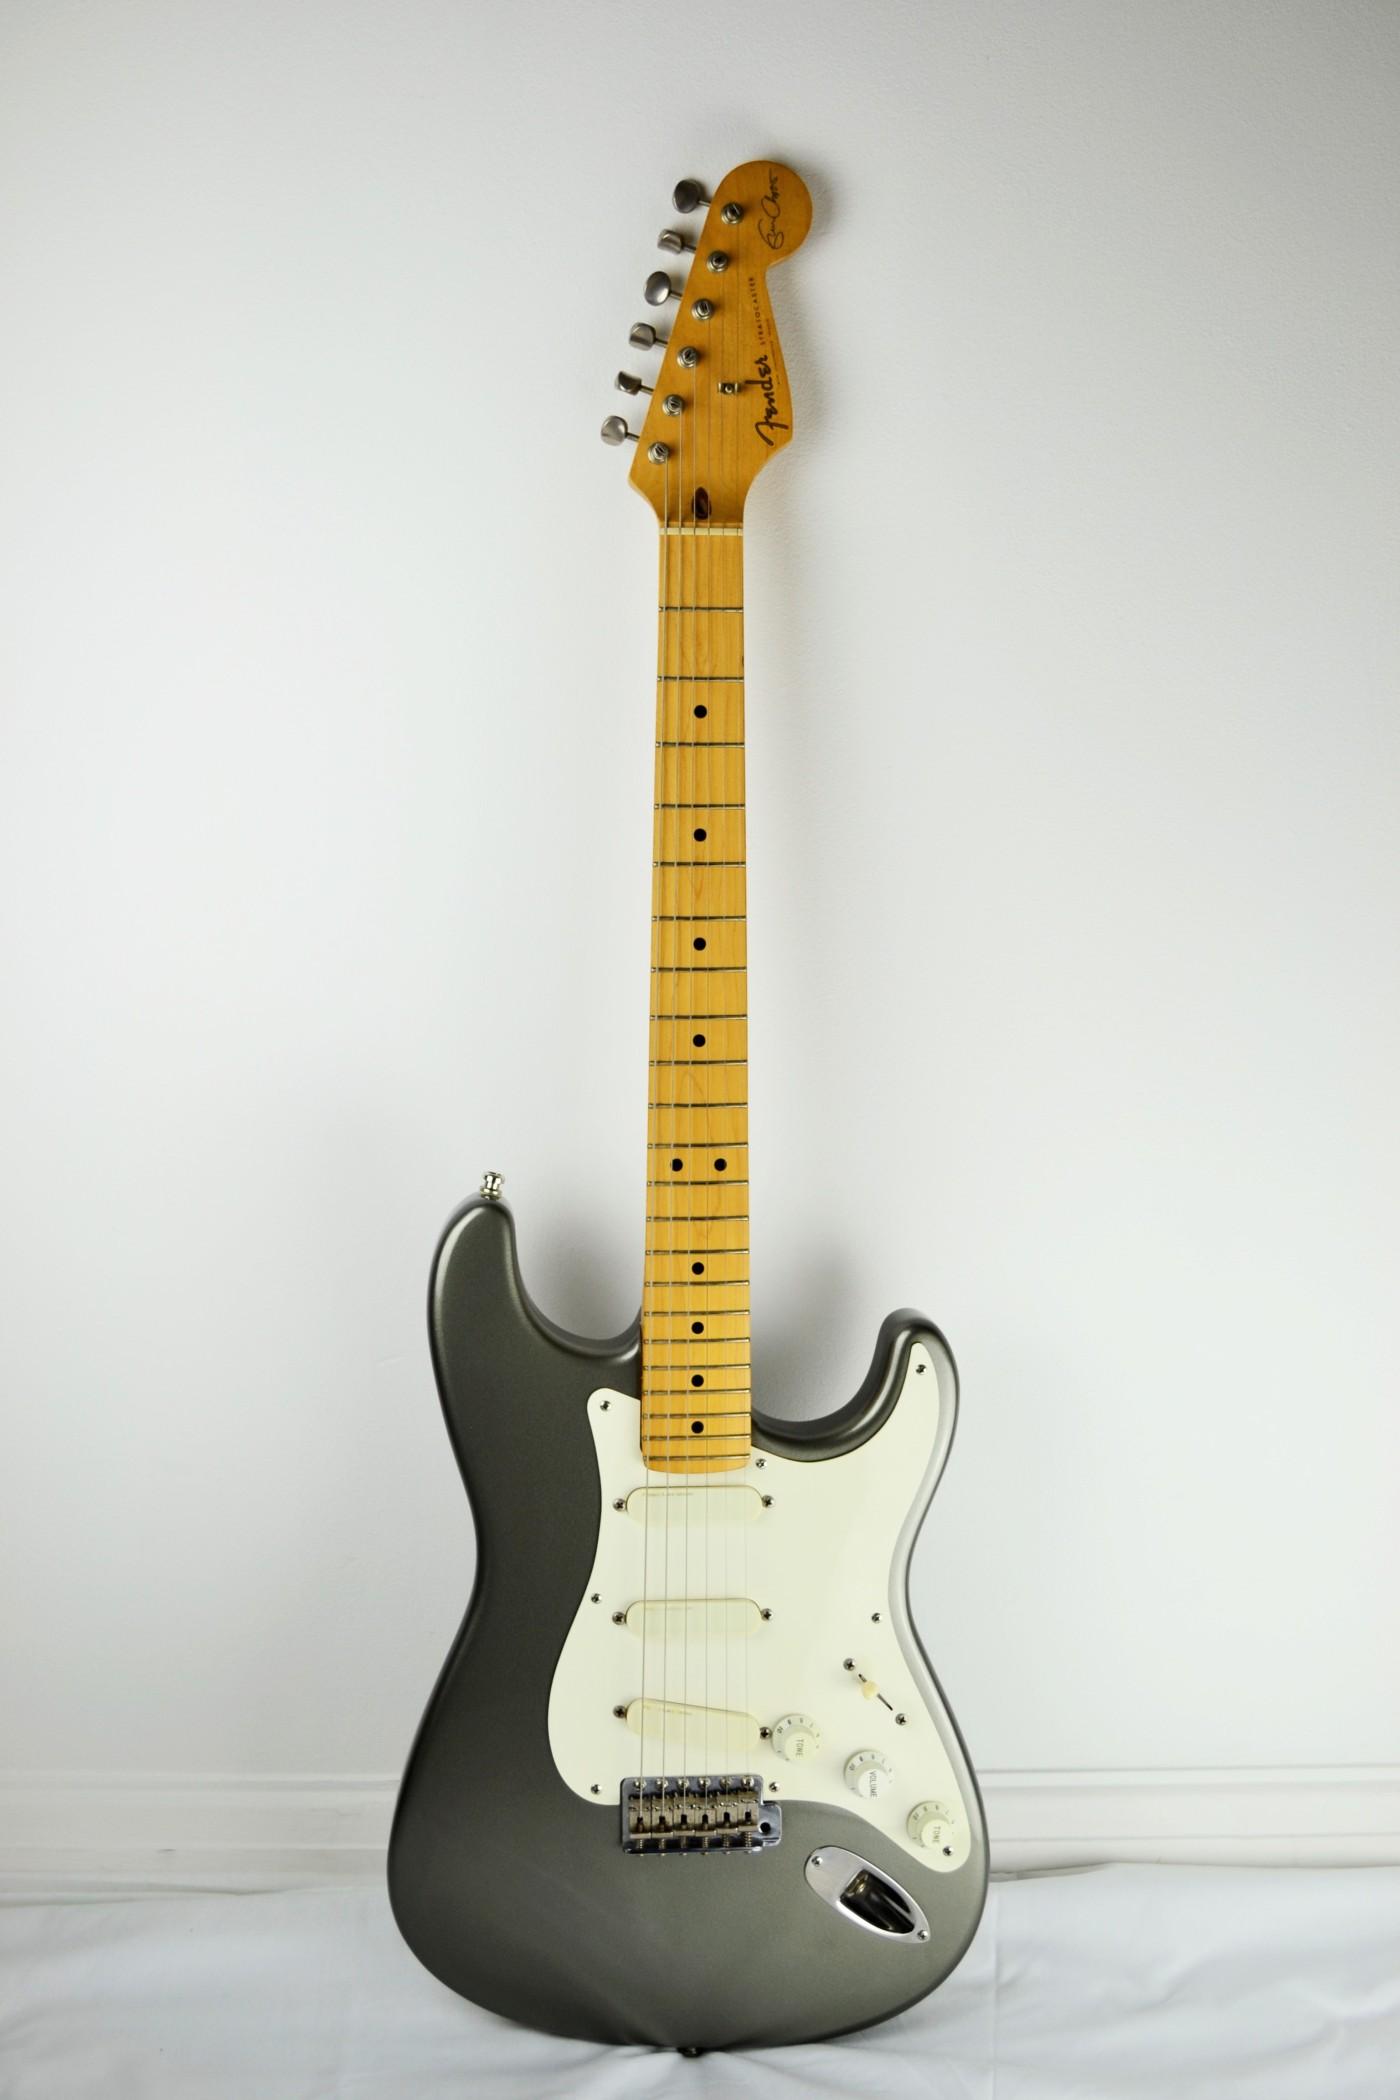 1989 eric clapton fender stratocaster stringed guitars. Black Bedroom Furniture Sets. Home Design Ideas